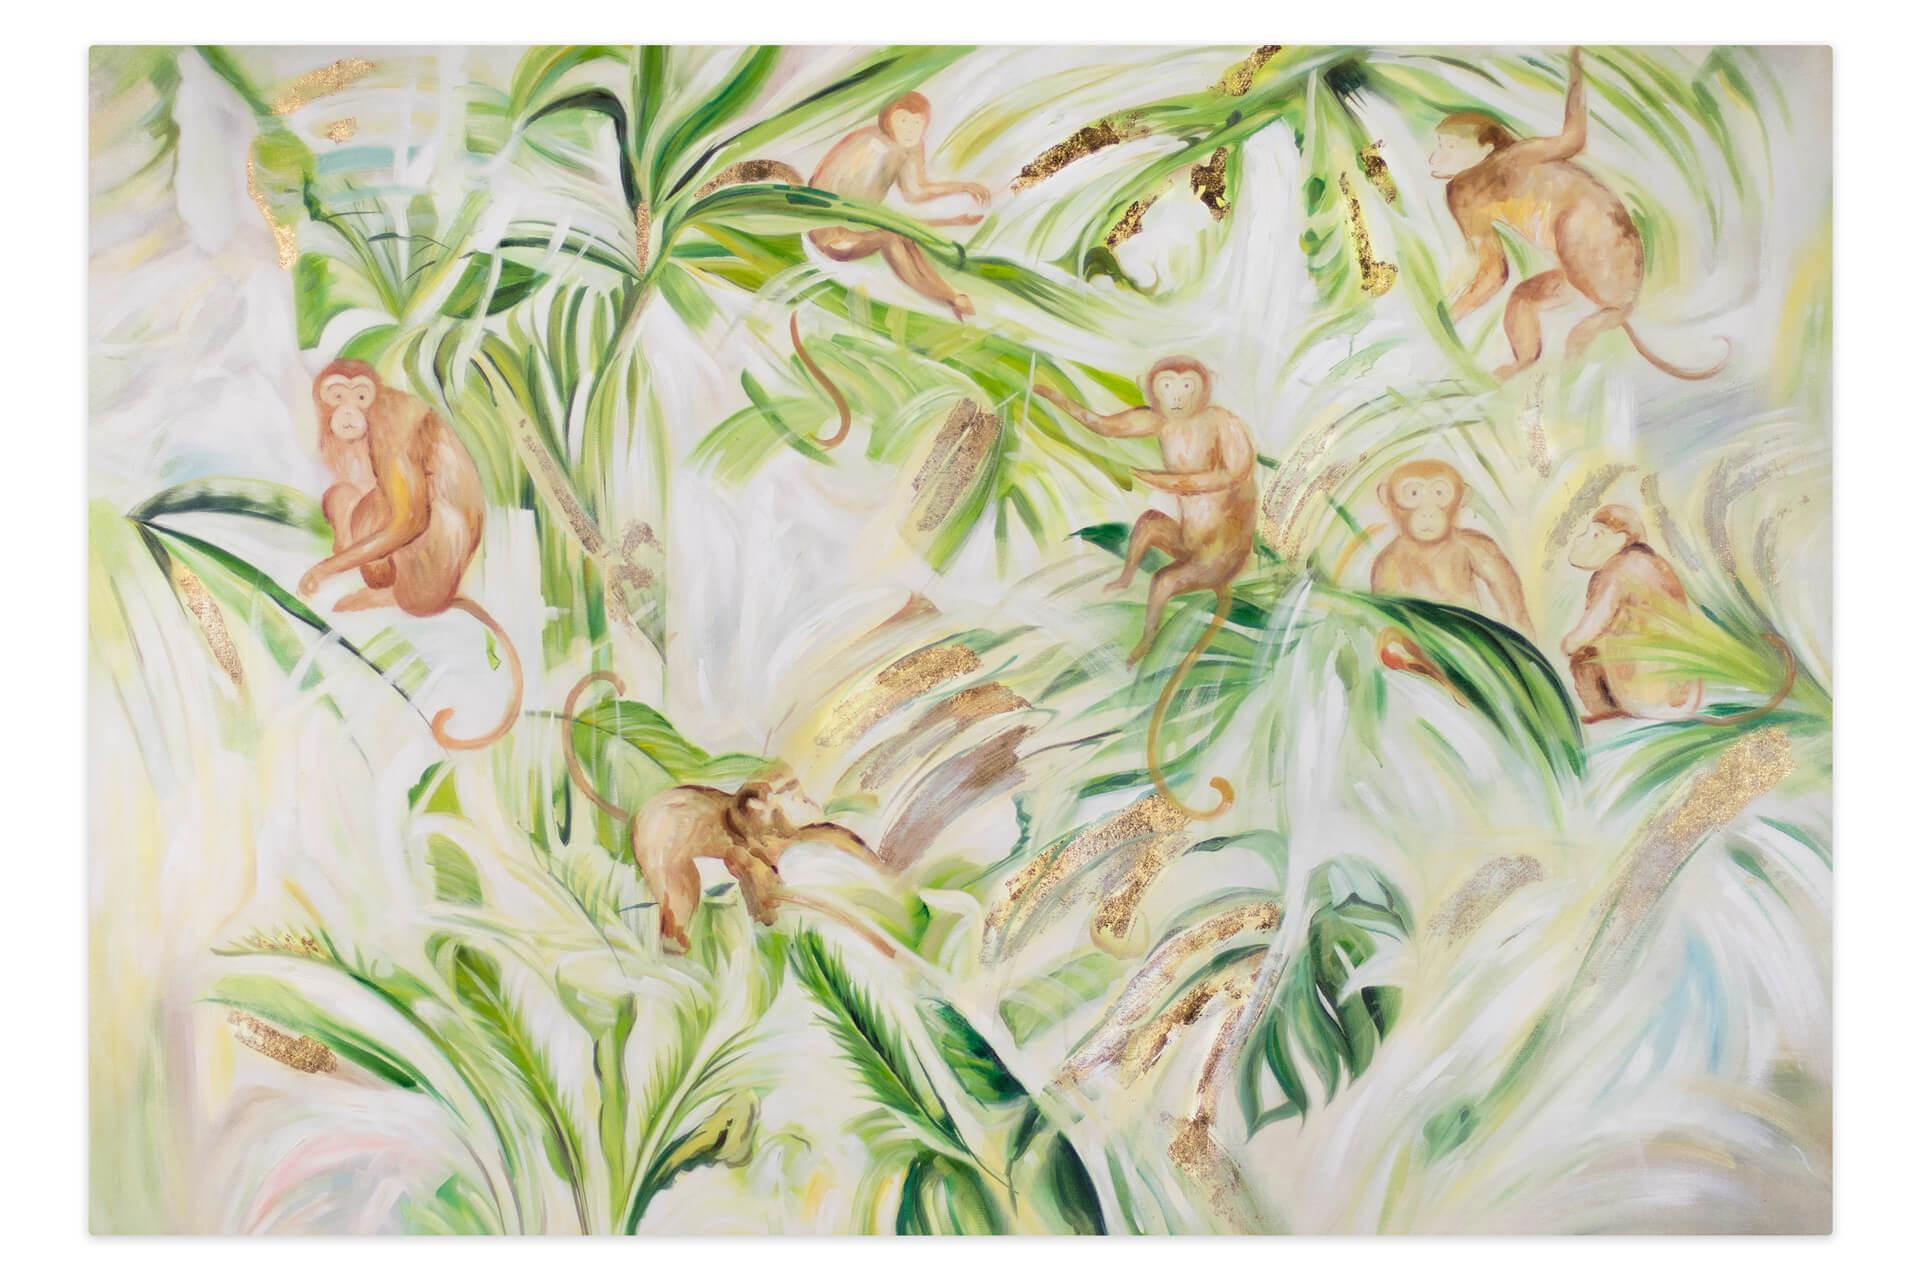 Dschungel Bilder Zum Ausdrucken Frisch Xxl Gemälde –l Affen Dschungel Palmen Kaufen Fotografieren